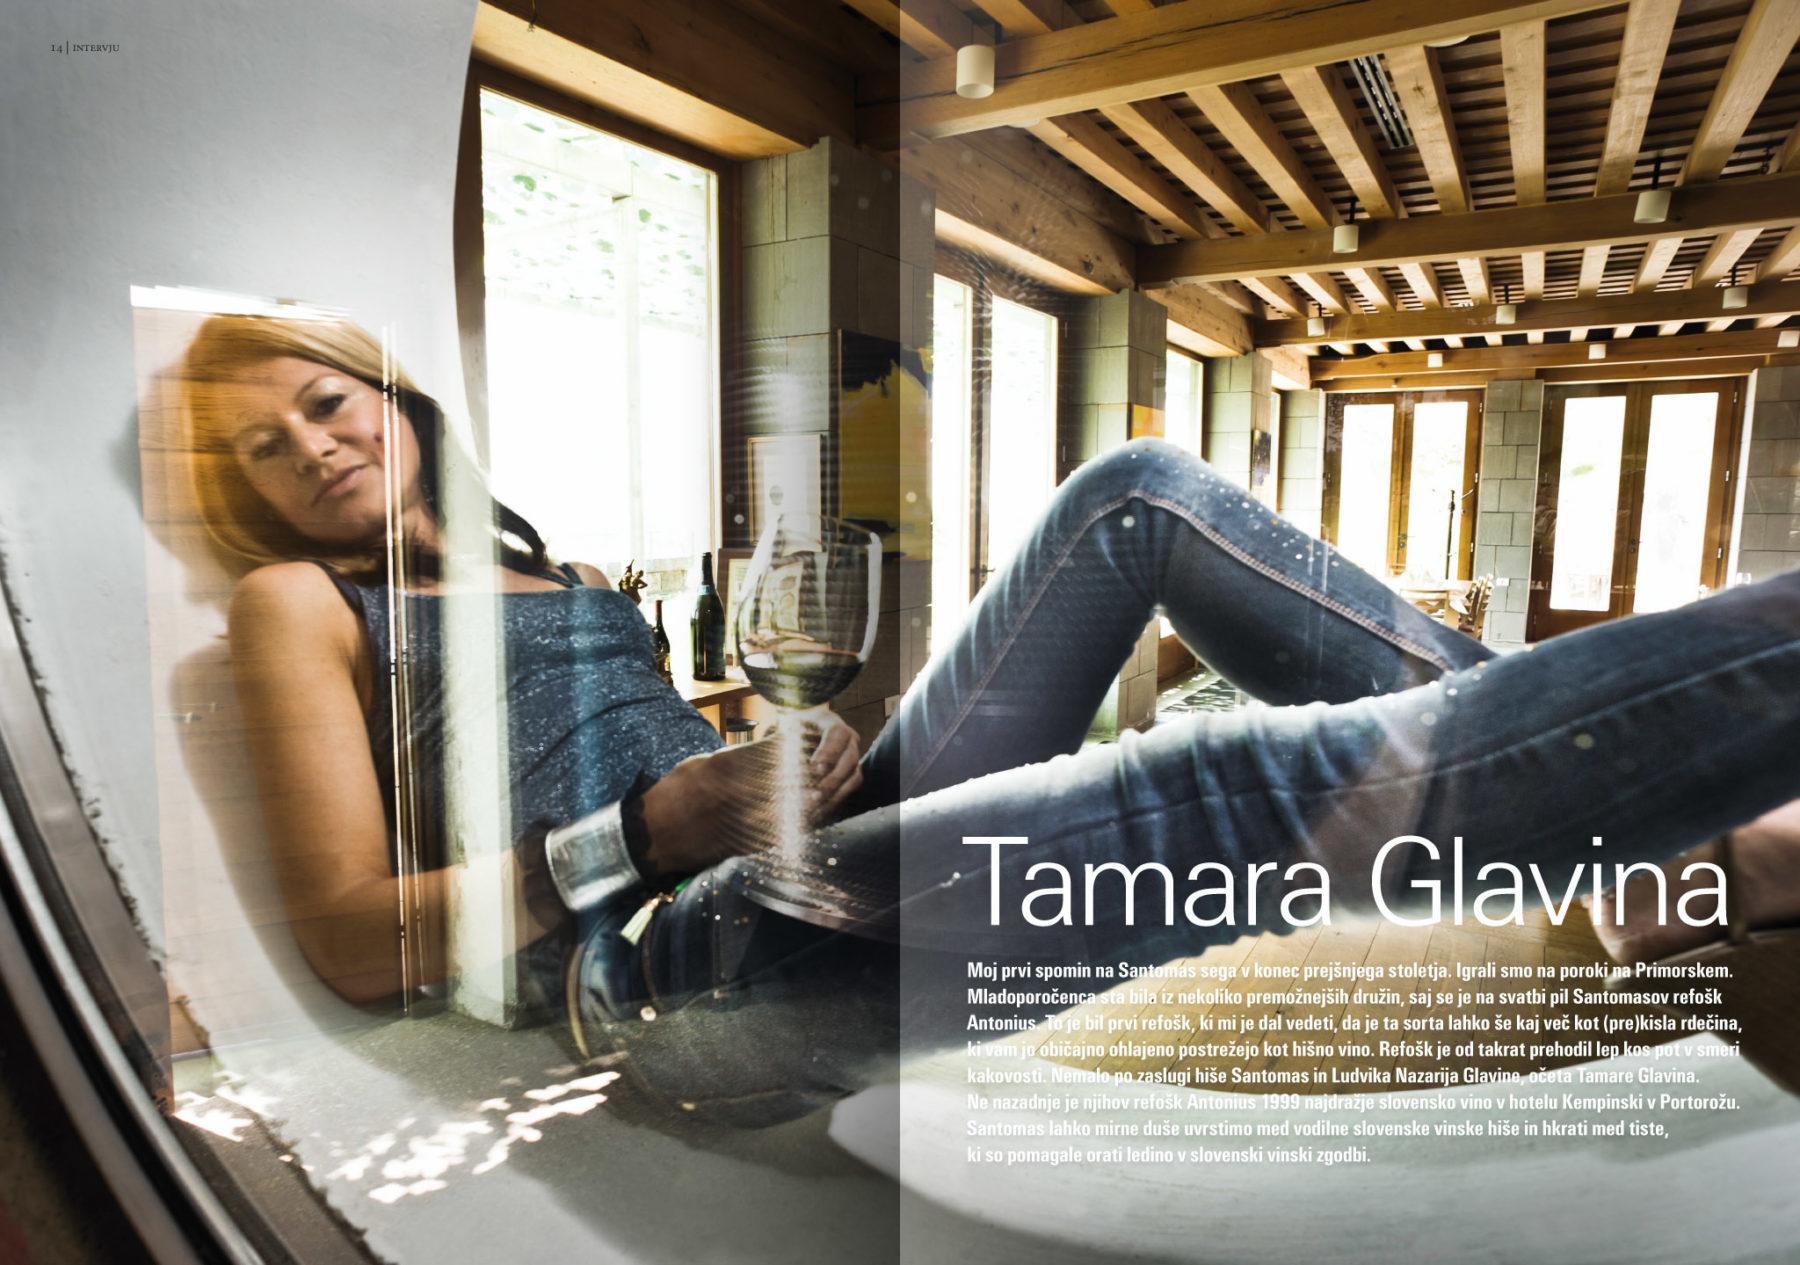 Revija Vino, poletje 2014strani 14 in 14 - uvodne strani članka Tamara Glavina· Naročnik: Revija Vino · Fotografija za članek: Marijan Močivnik · 2014 ·